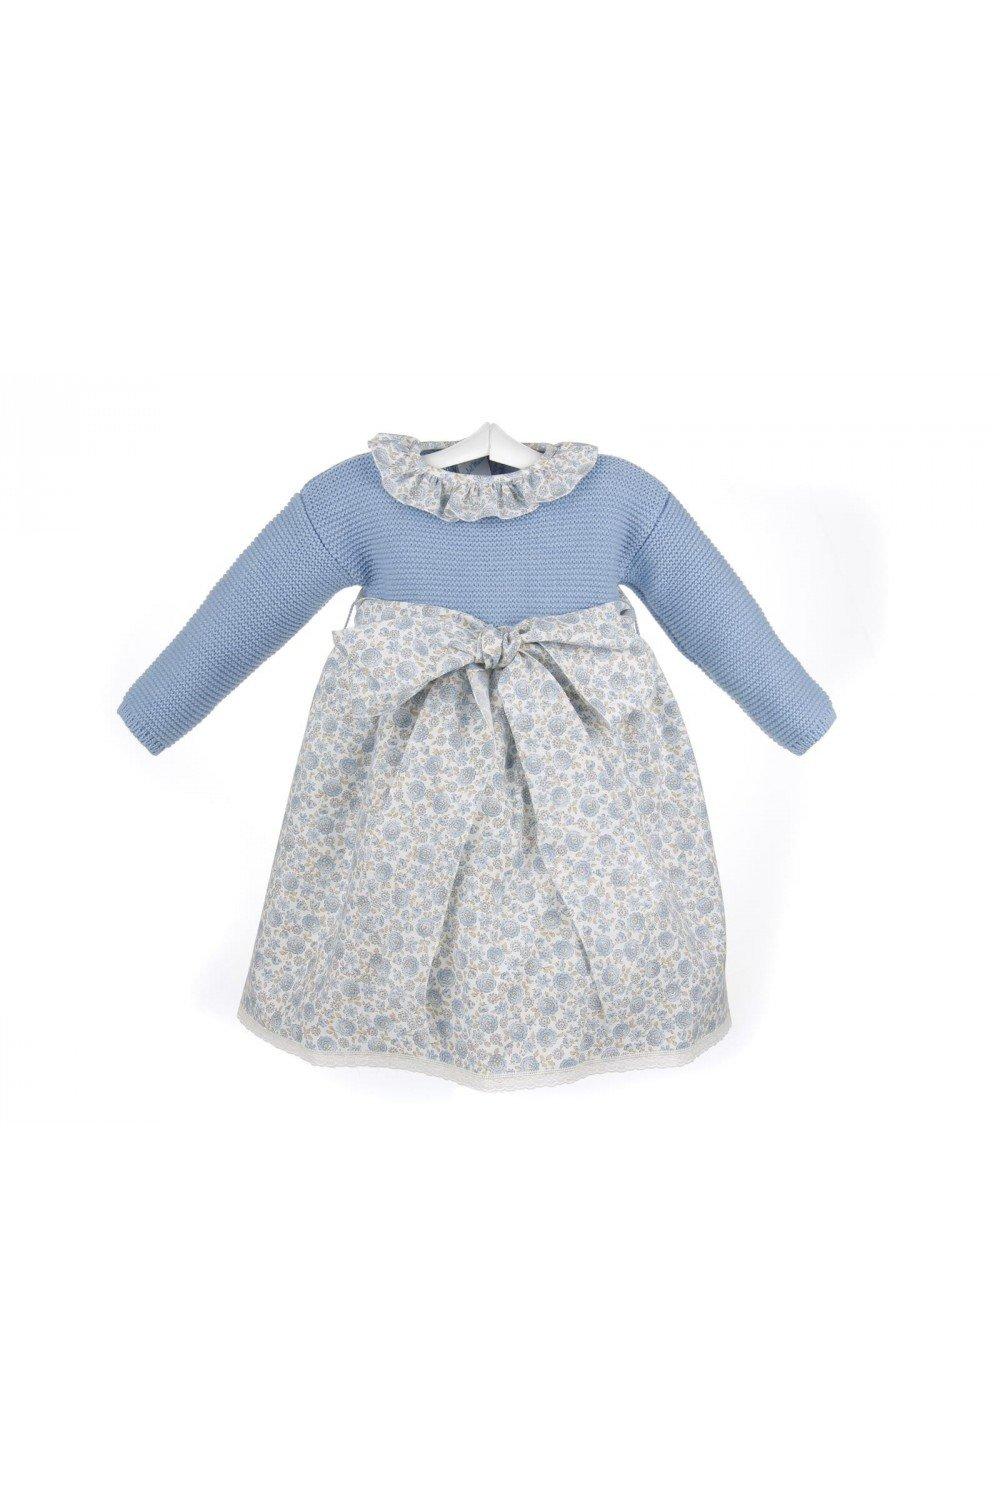 Isabel Maria - Vestido para bebé con el cuerpo de lana y la falda de viyela estampada - 6 meses, Azul/Estampado azul y beige: Amazon.es: Bebé